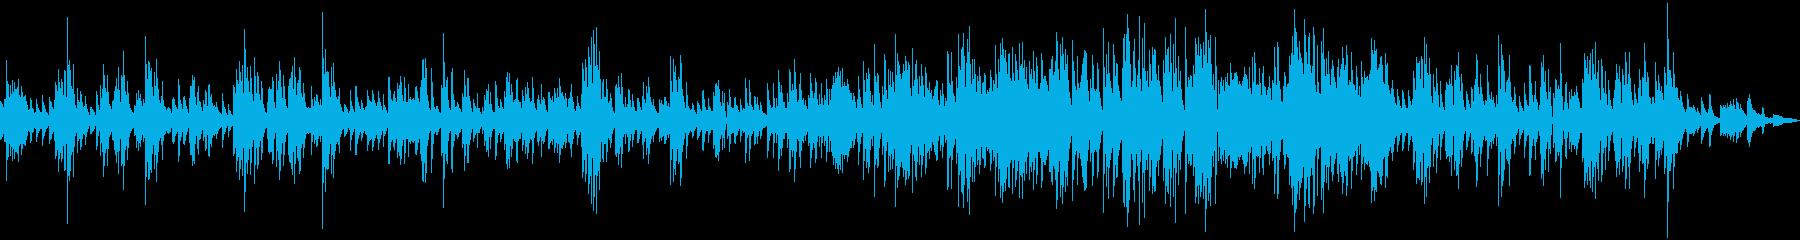 ジャズ 感情的 静か クール やる...の再生済みの波形